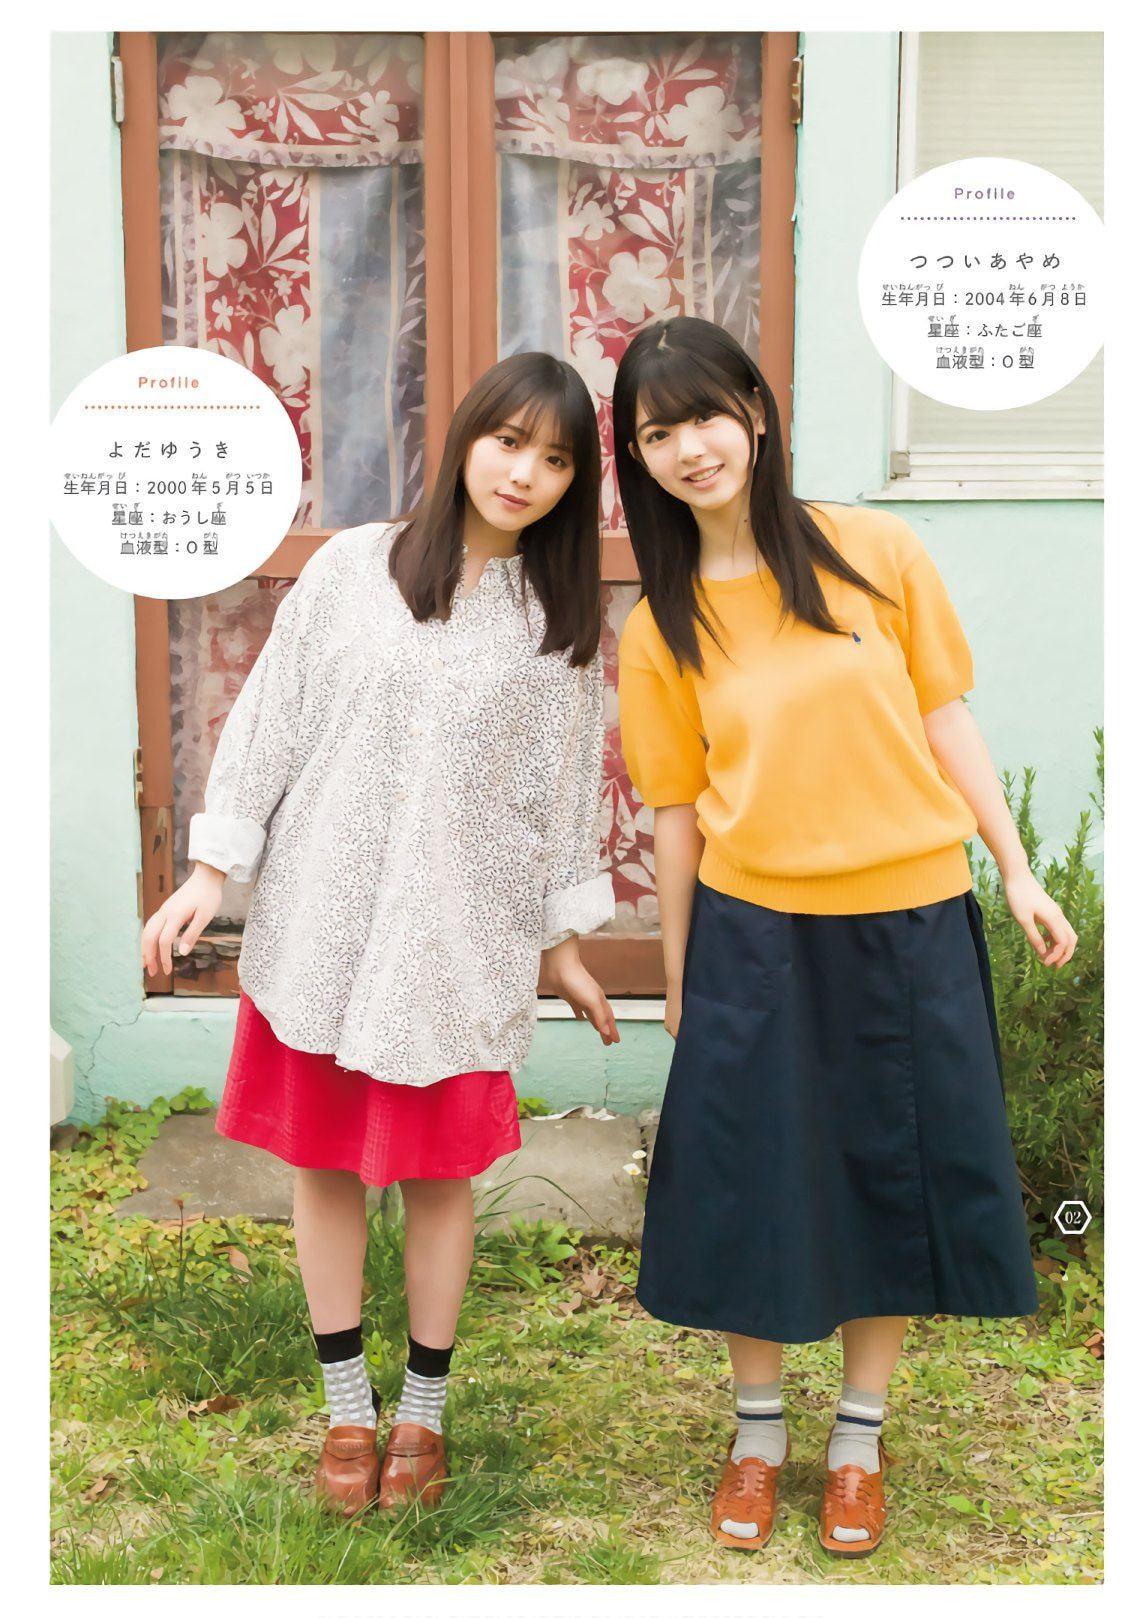 AKB48公式サイト|ニュース